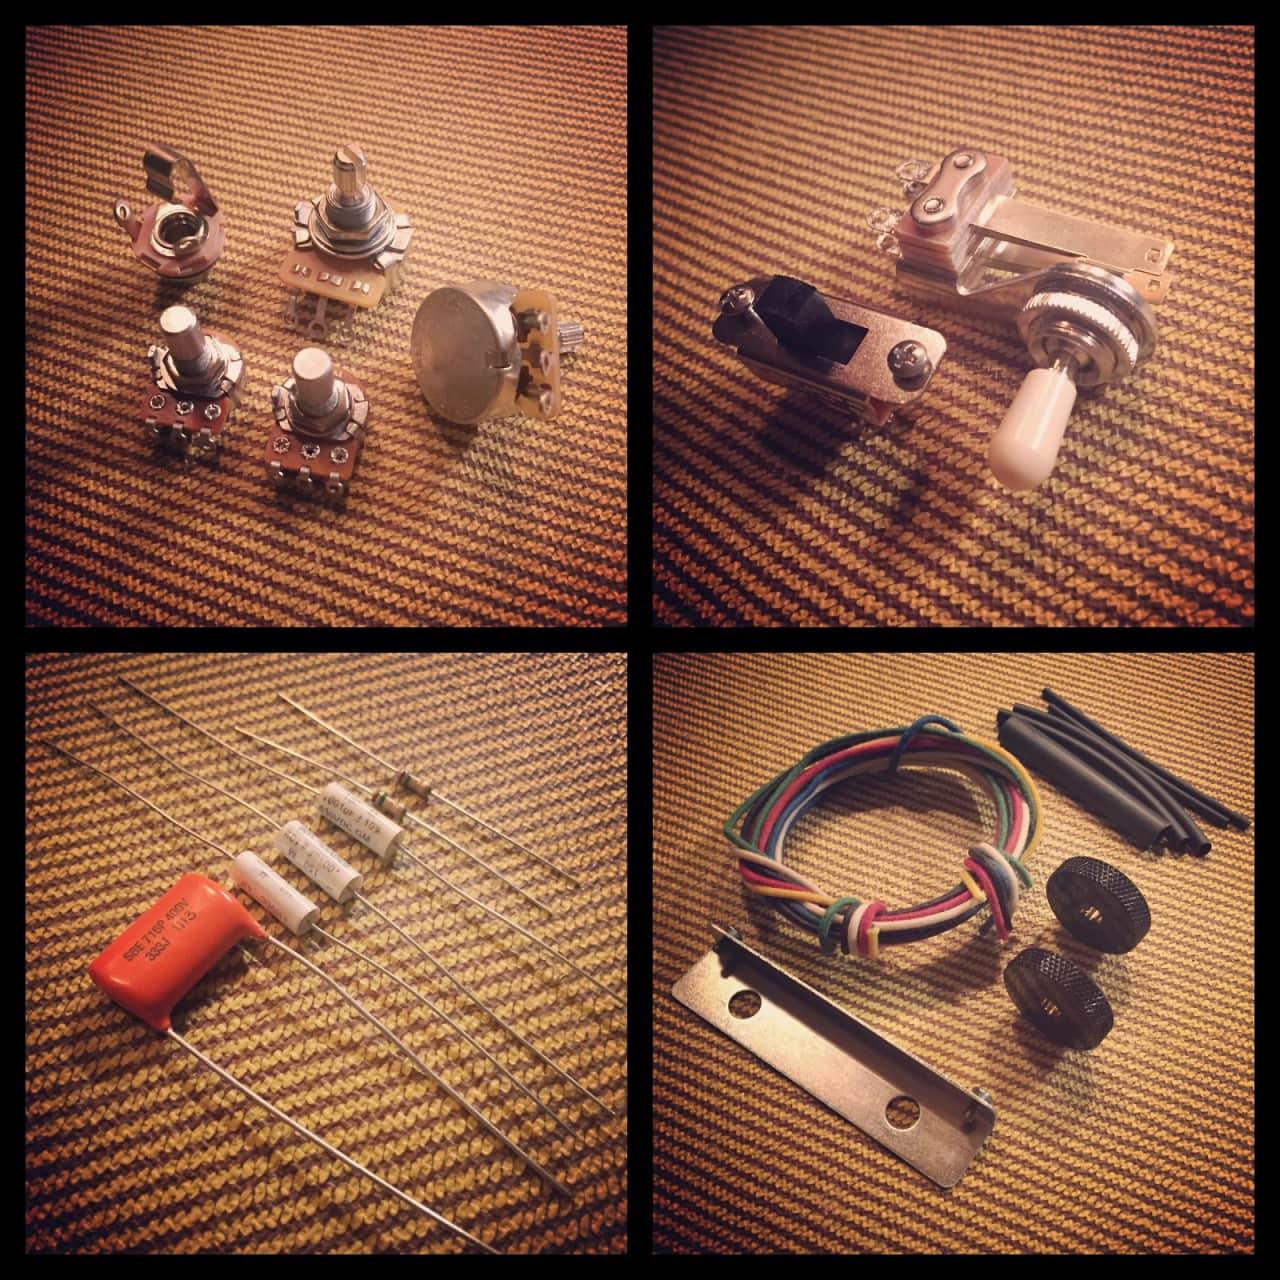 rothstein guitars jazzmaster stb super mod diy upgrade kit reverb. Black Bedroom Furniture Sets. Home Design Ideas